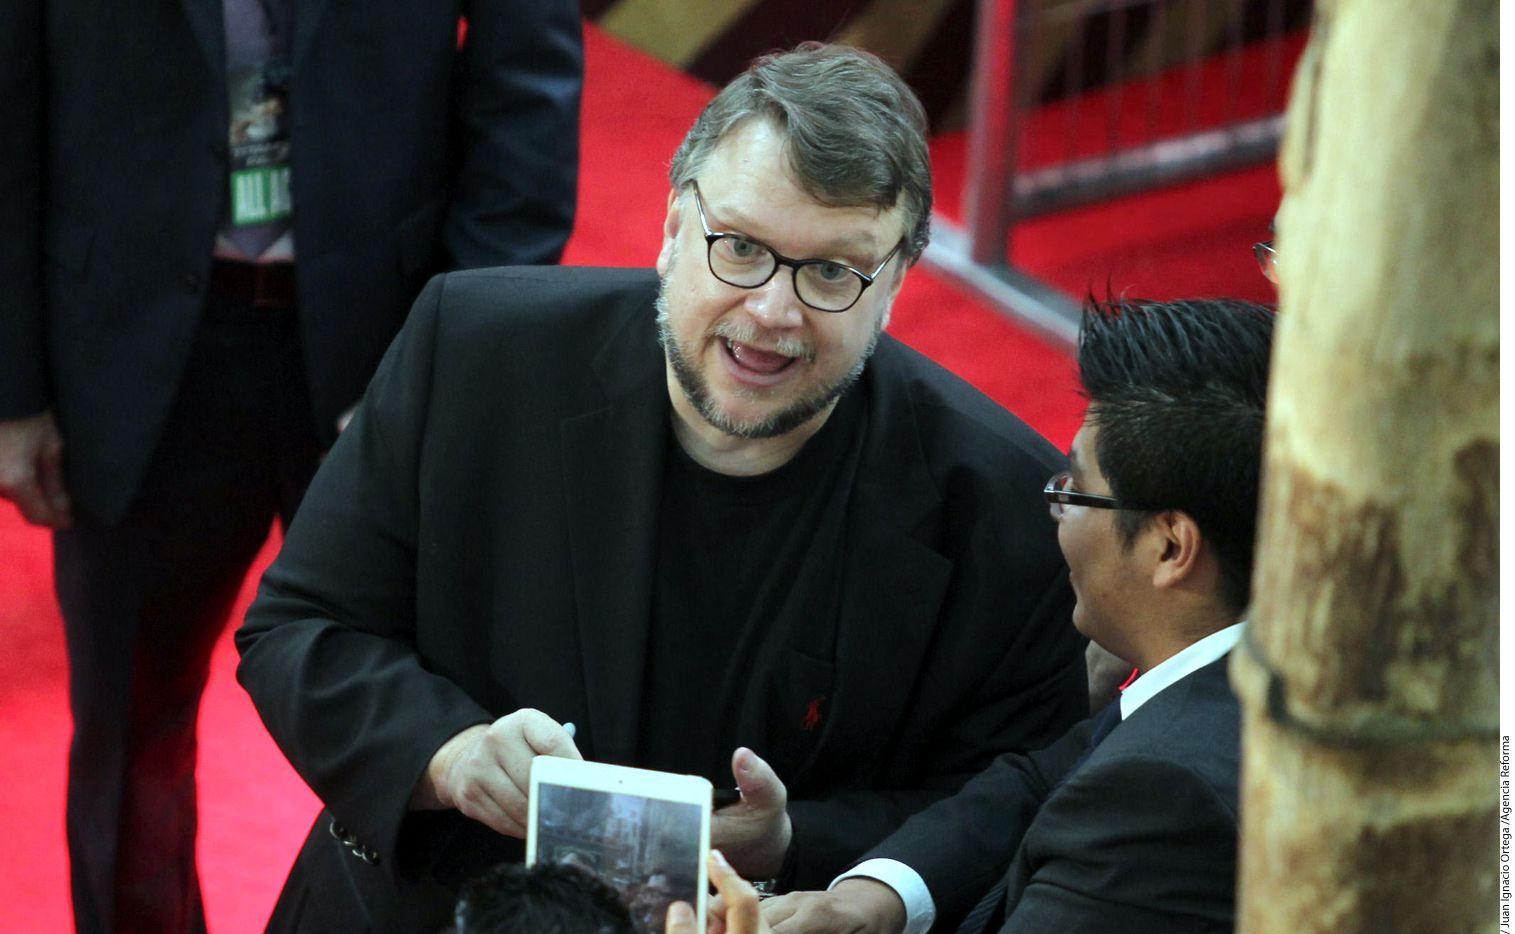 El director Guillermo del Toro, junto con Ang Lee, presentará la lista de nominados en 11 categorías; John Krasinski y Cheryl Boone Isaacs anunciarán otras./AGENCIA REFORMA